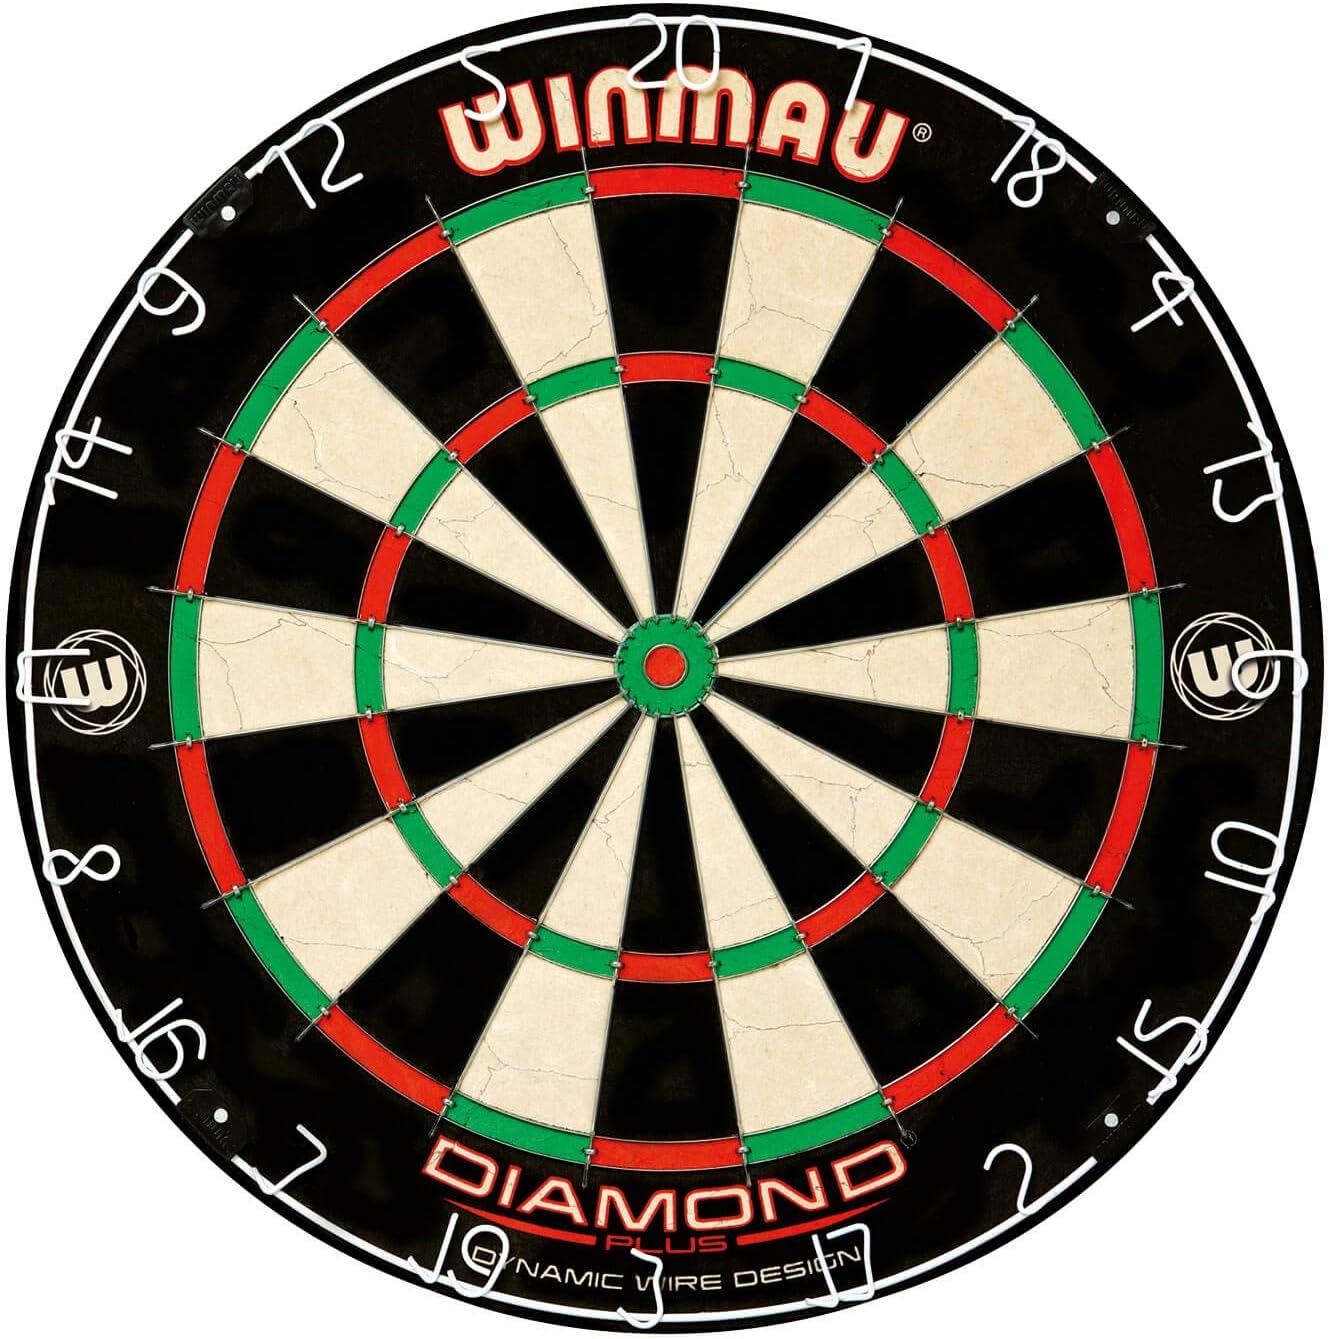 Dallas Mall WINMAU Diamond Large-scale sale Plus Professional Bristle Dartboard